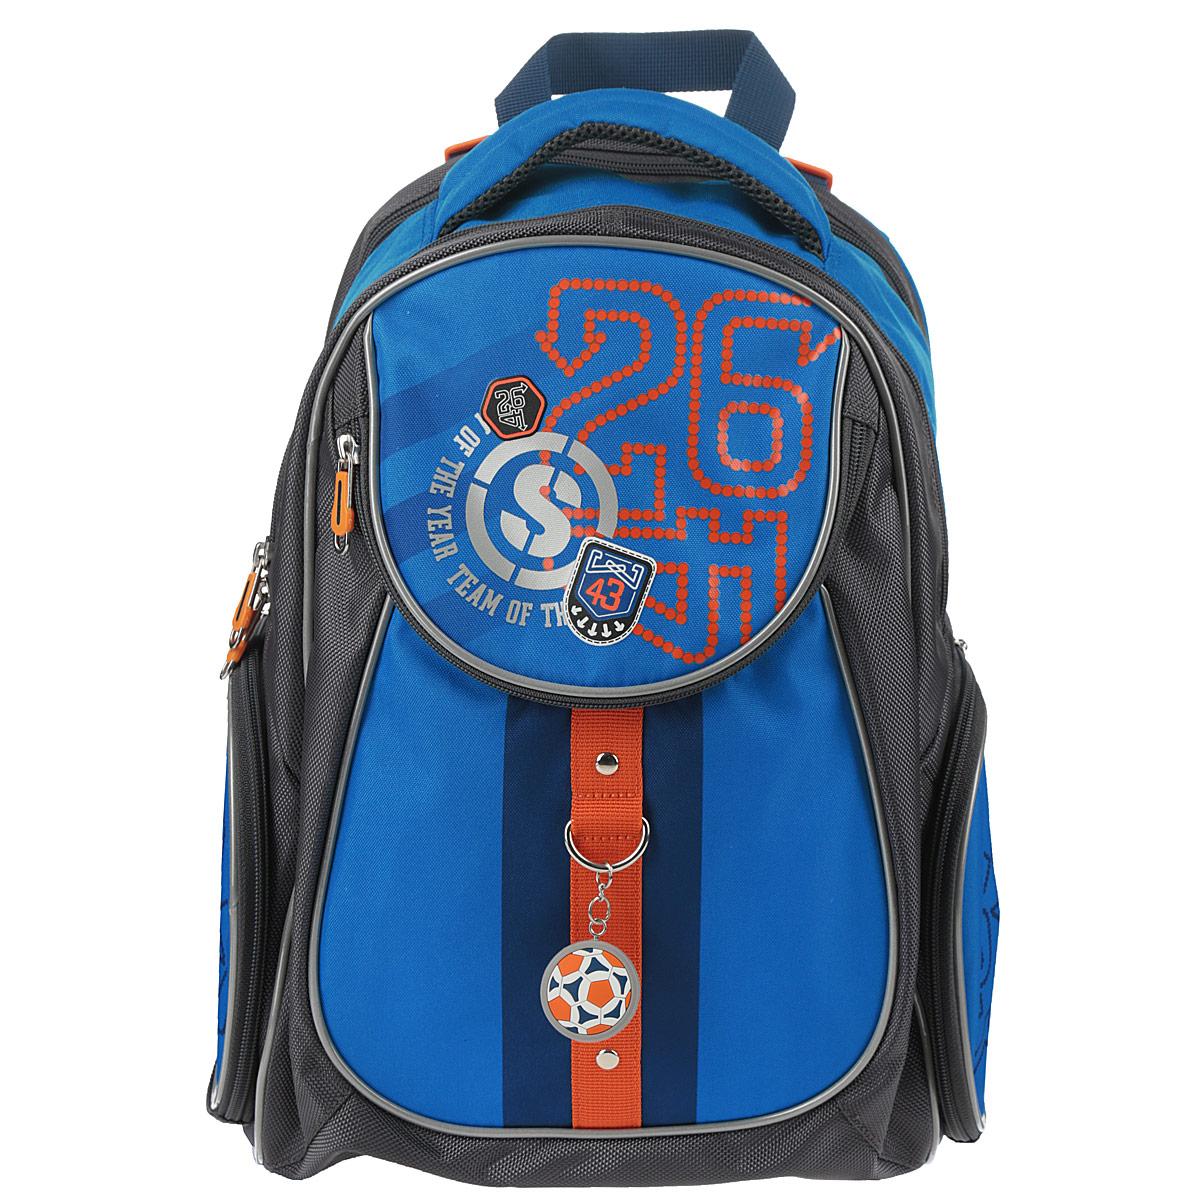 Рюкзак школьный Erich Krause Футбол станет надежным спутником в получении знаний.Рюкзак выполнен из прочного водостойкого полиэстера серого цвета с голубыми и оранжевыми вставками.  Рюкзак состоит из двух вместительных отделений, закрывающихся на застежки-молнии с двумя бегунками. Одно из отделений содержит кармашек для мелочей на застежке-молнии. В другом находятся большой и три маленьких кармашка без застежек, кармашек на застежке-молнии, карман для мобильного телефона с клапаном на липучке и два фиксатора для пишущих принадлежностей. На лицевой стороне рюкзака расположен глубокий карман на молнии.   По бокам находятся два внешних накладных кармана, закрывающихся также на застежку-молнию. Лицевая часть рюкзака декорирована подвеской в виде футбольного мяча.   Конструкция ортопедической спинки рюкзака разработана по специальной технологии, позволяющей уменьшить нагрузку на спину.  Рюкзак оснащен широкими мягкими лямками, регулируемыми по длине, которые равномерно распределяют нагрузку на плечевой пояс, и двумя удобными ручками для переноски в руке.  Дно рюкзака дополнено двумя широкими пластиковыми ножками, которые помогут уберечь его от загрязнений и продлить срок службы. Рюкзак снабжен светоотражающими вставками. Такой школьный рюкзак станет незаменимым спутником вашего ребенка в походах за знаниями.